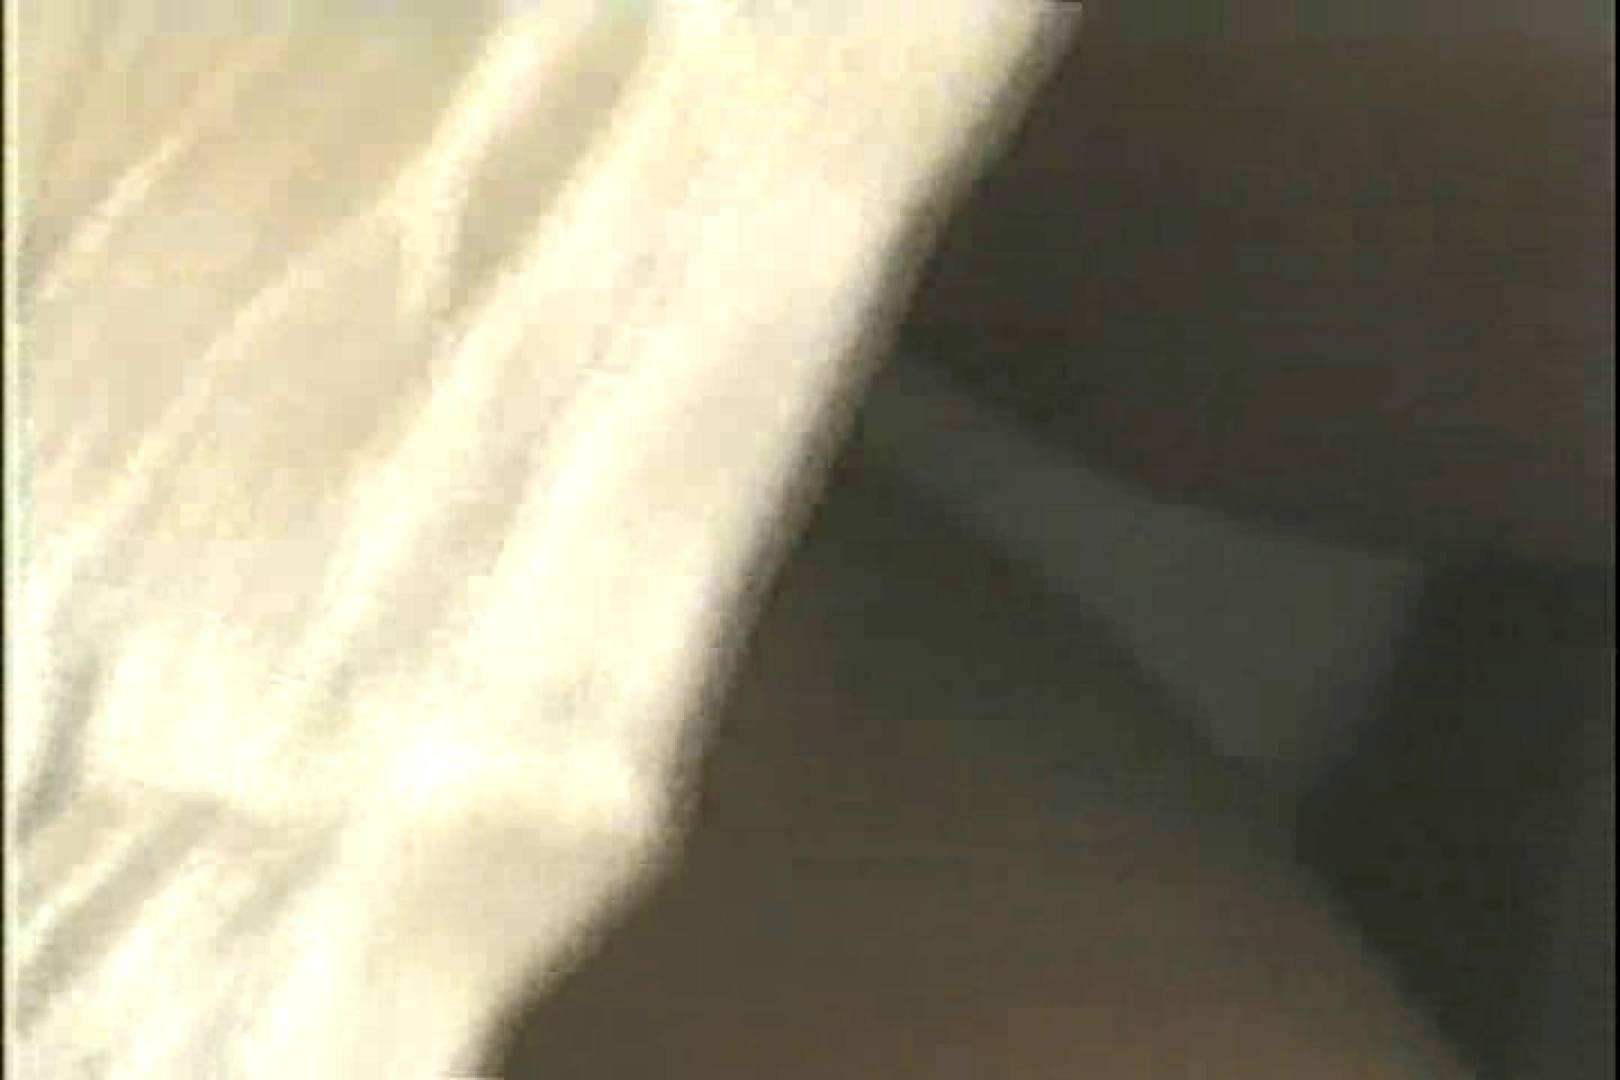 「ちくりん」さんのオリジナル未編集パンチラVol.5_02 パンチラ  90枚 53